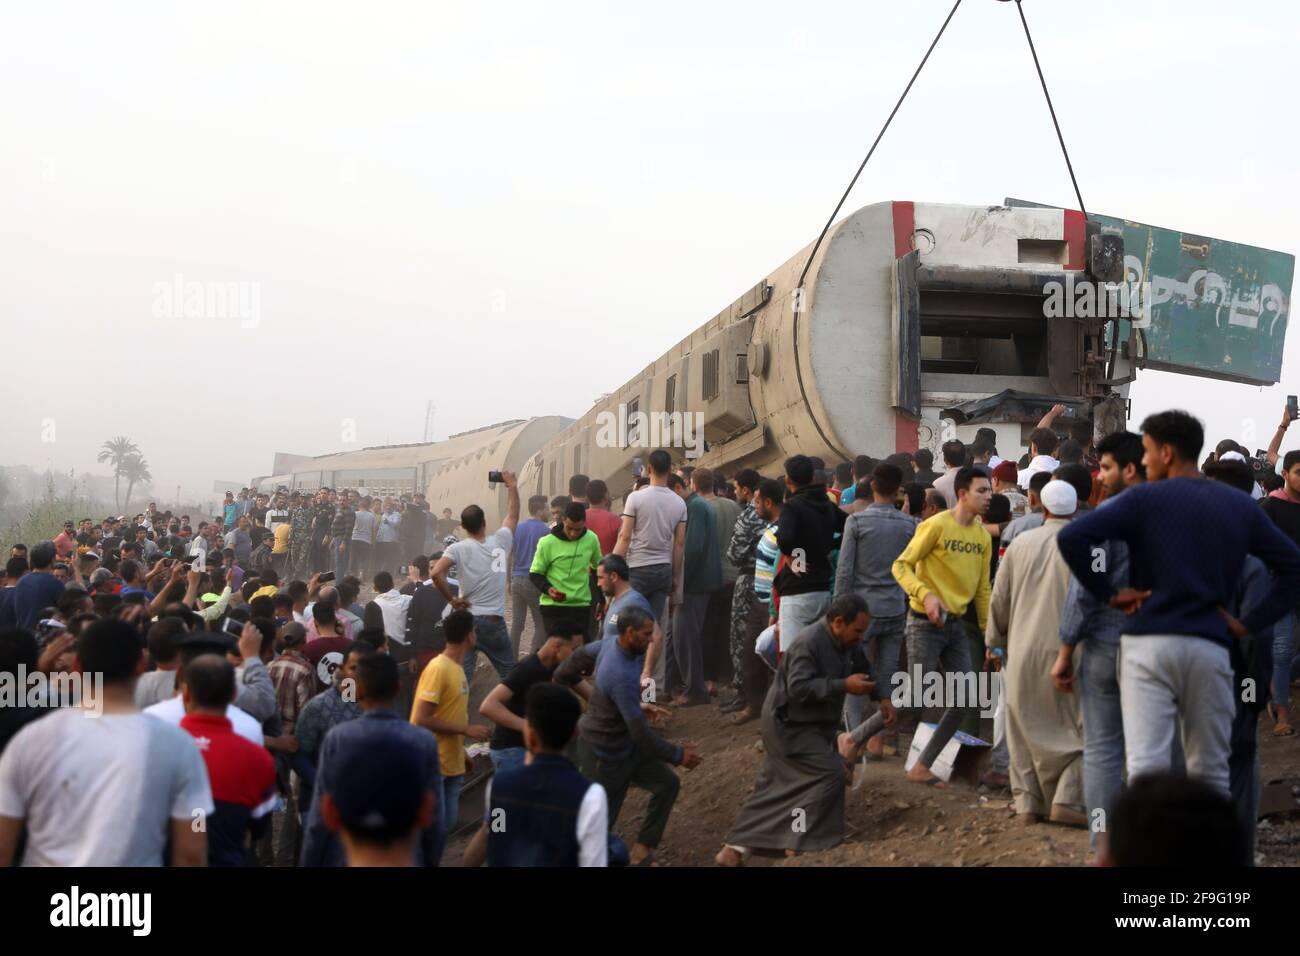 Toukh, Egipto. 18th de Abr de 2021. Los rescatadores trabajan en el sitio de un descarrilamiento de trenes en la ciudad Delta de Toukh, Egipto, el 18 de abril de 2021. Al menos 97 personas resultaron heridas en un descarrilamiento del tren el domingo en la ciudad Delta de Toukh, al norte de la capital egipcia El Cairo, dijo el Ministerio de Salud egipcio. Crédito: Ahmed Gomaa/Xinhua/Alamy Live News Foto de stock